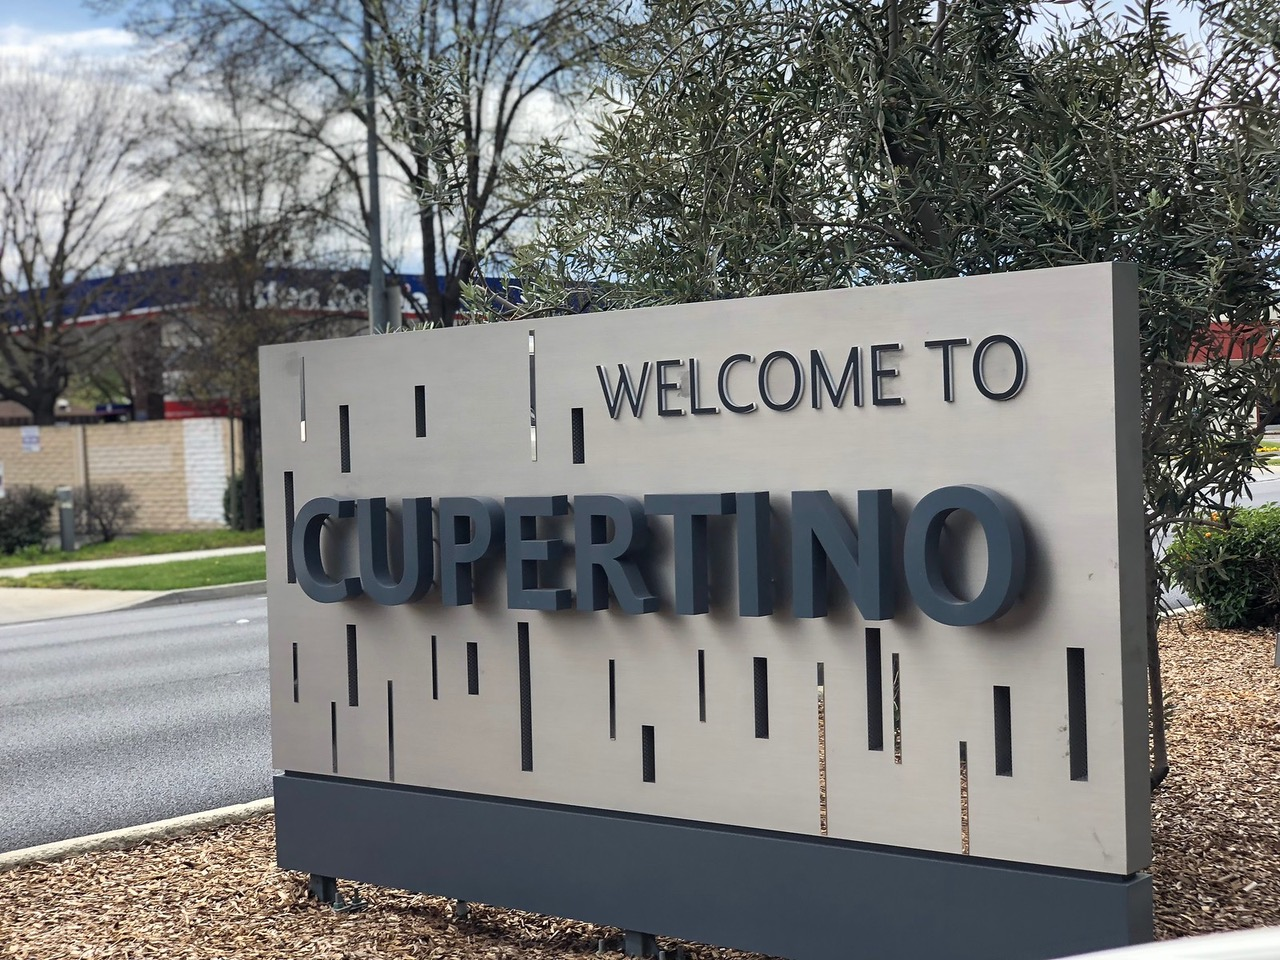 Cupertino Welcome Sign Blu Skye Media-X3.jpeg